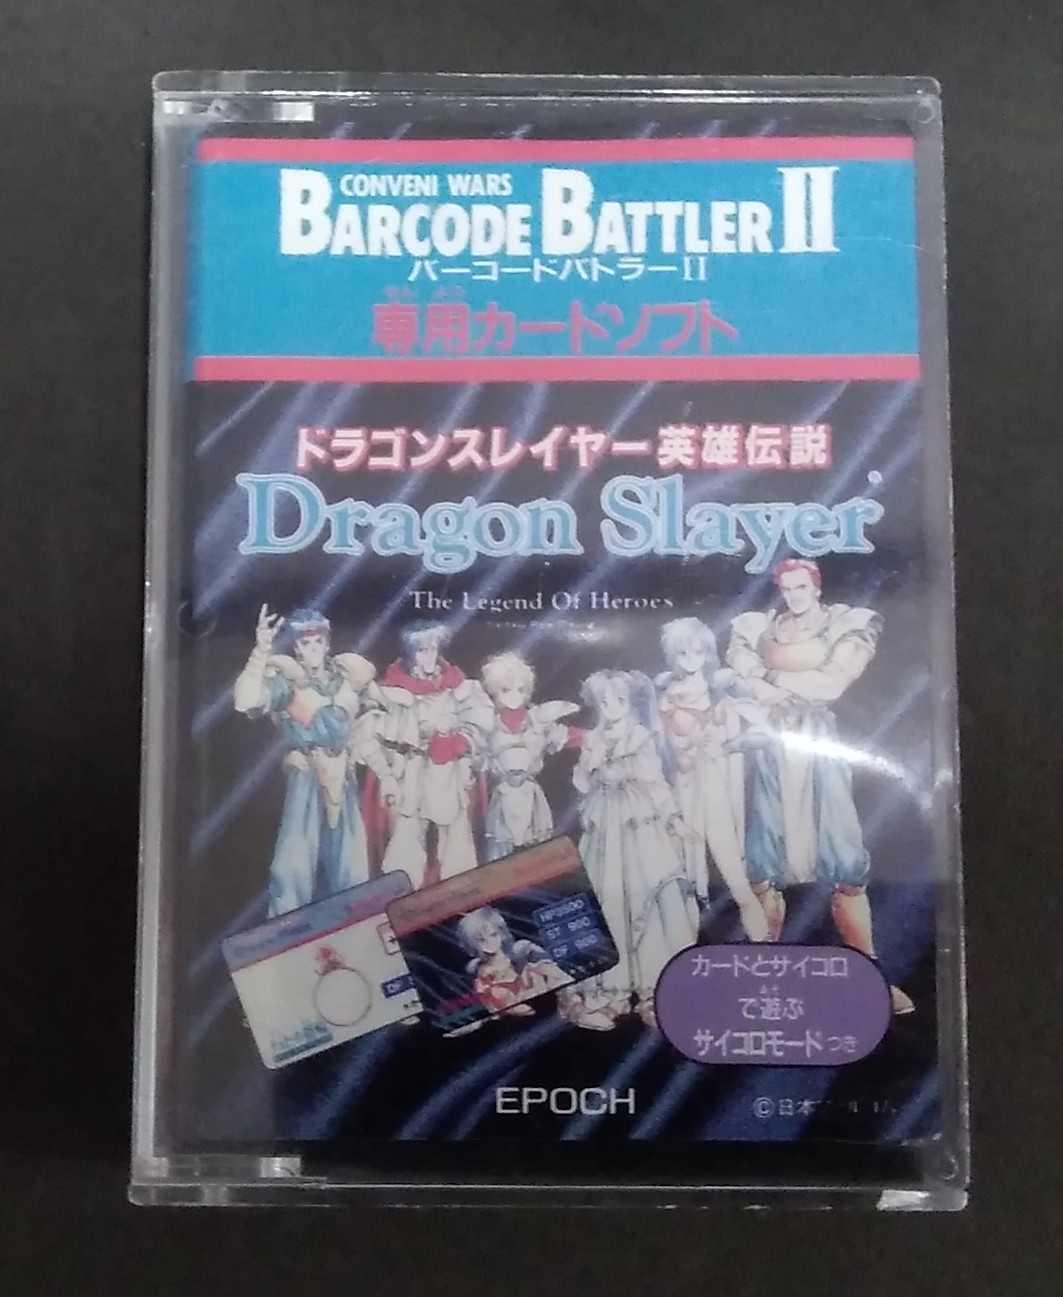 バーコードバトラーⅡ専用カードソフト|EPOCH